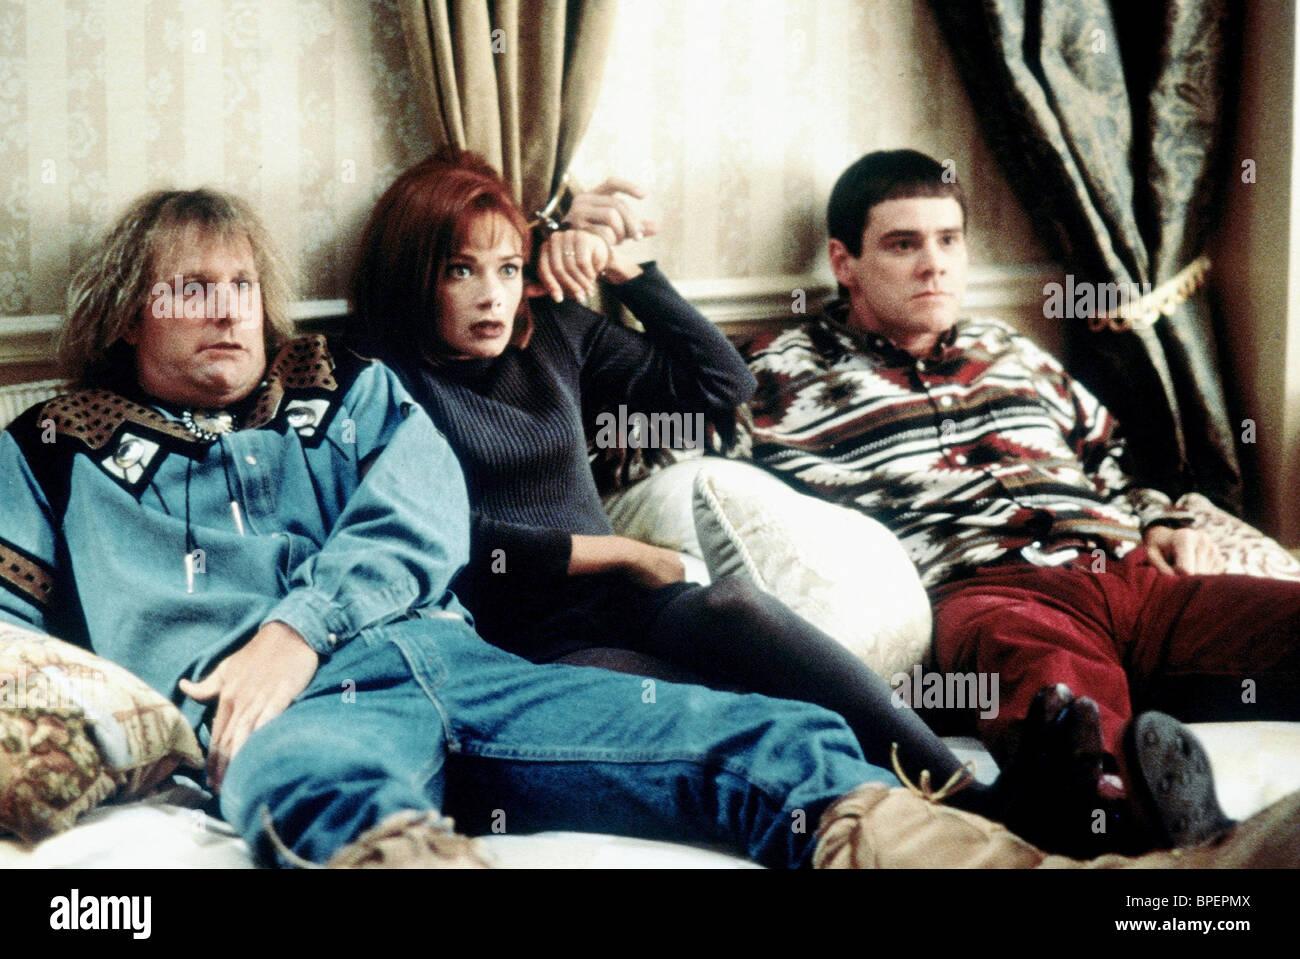 Jeff Daniels Lauren Holly Jim Carrey Dumb And Dumber 1994 Stock Photo Alamy